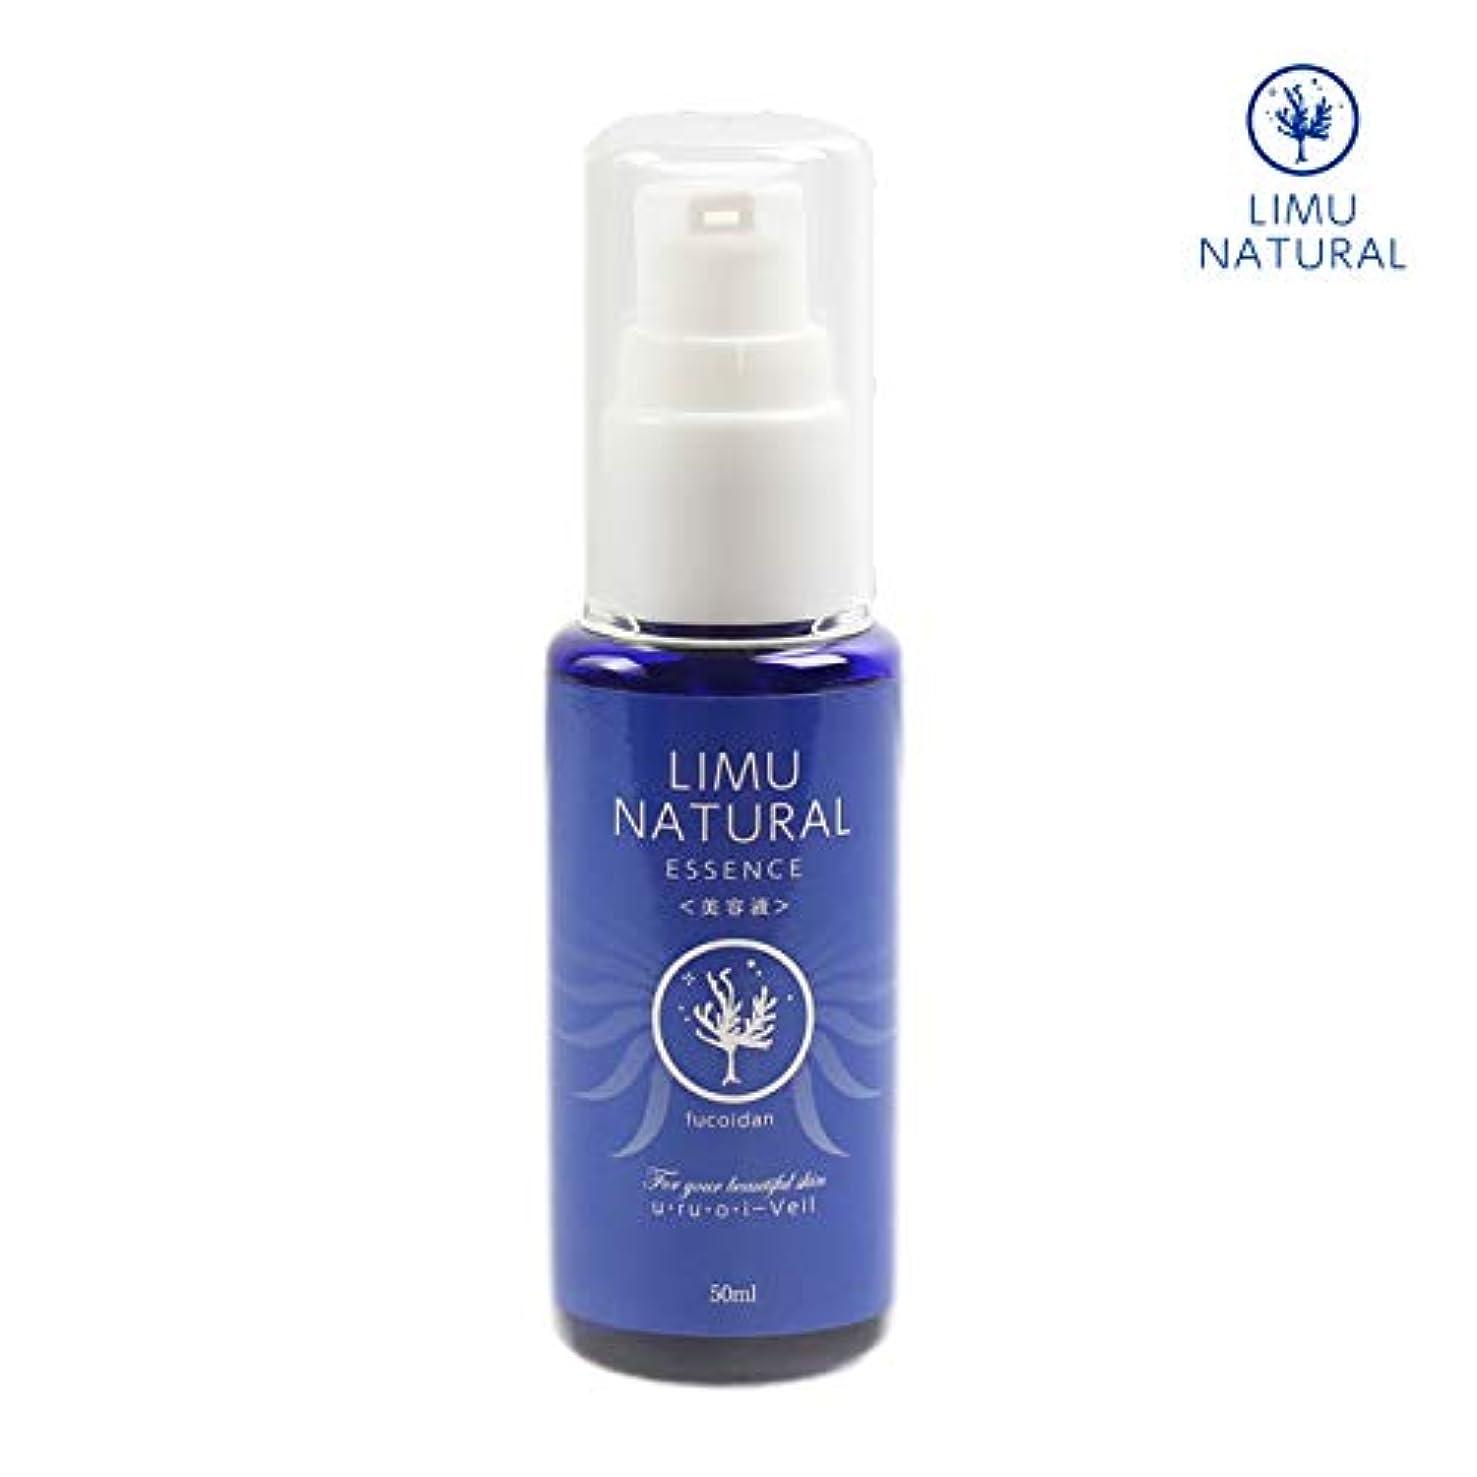 ご近所シネウィ特異なリムナチュラル 高濃度美容液 LIMU NATURAL ESSENCE (50ml) 「美白&保湿」「フコイダン」+「グリセリルグルコシド」を贅沢に配合